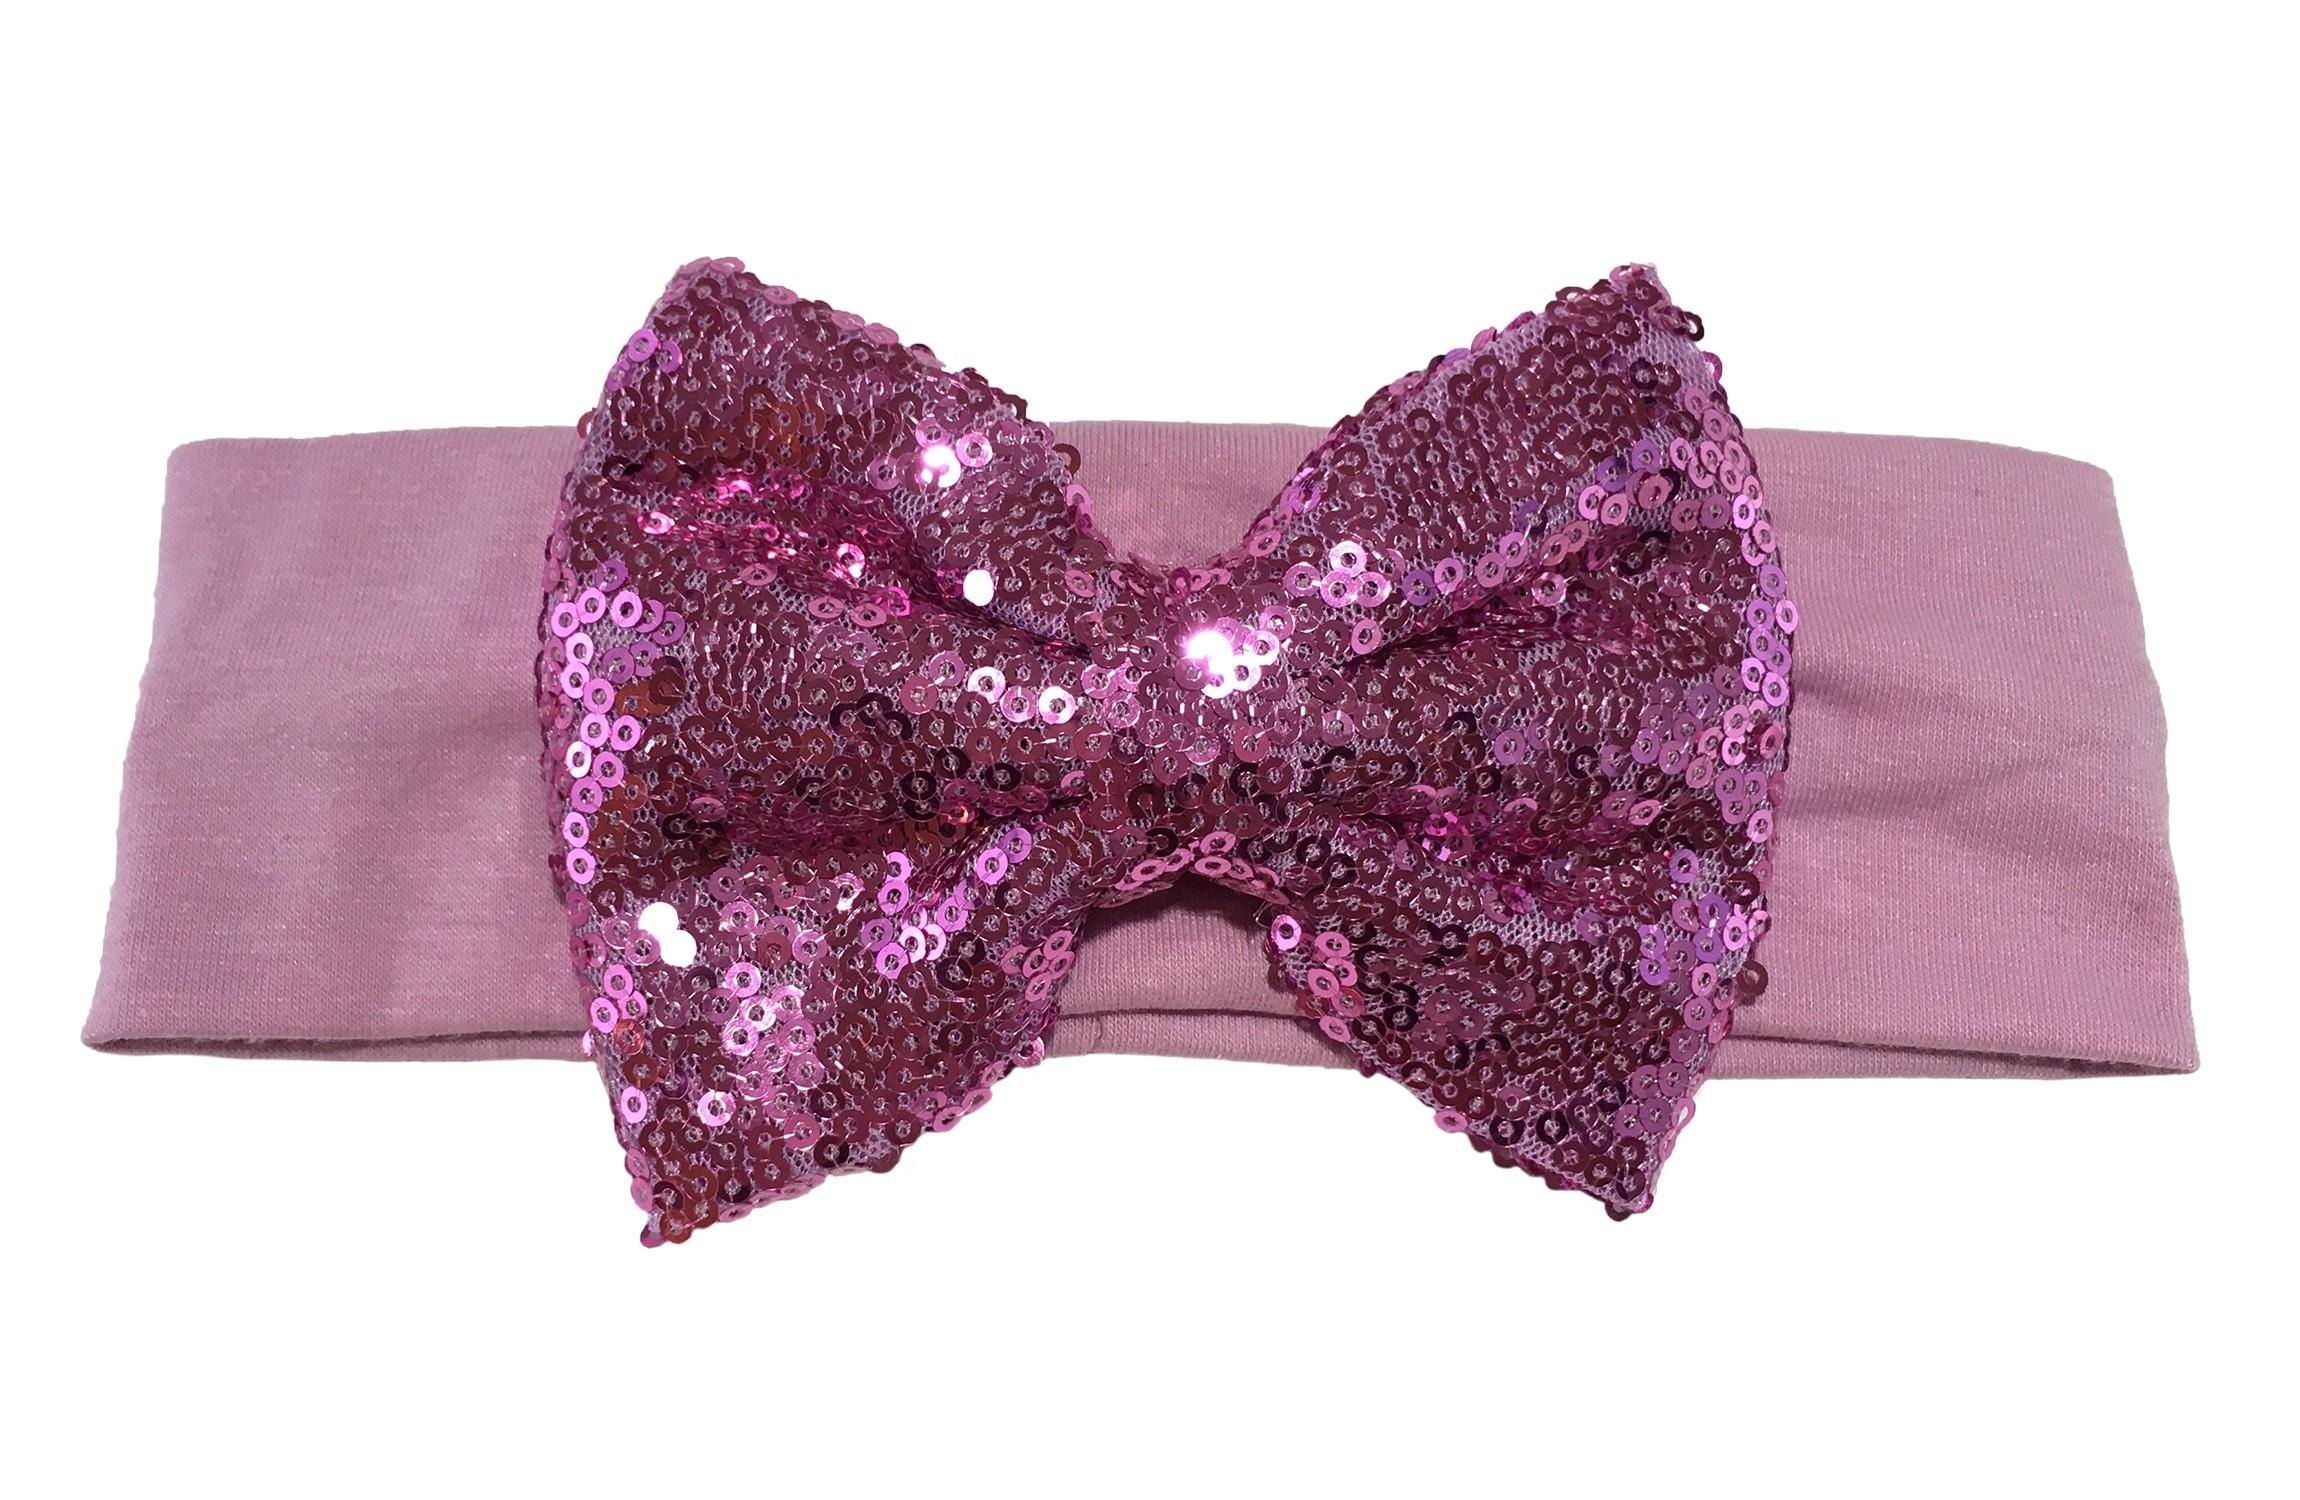 Leuke lila stoffen baby, peuter, meisjes haarband.  Van zachte rekbare stof.  Met een grote lila paarse strik met pailletjes van ongeveer 11 centimeter breed. Niet uitgerekt is het haarbandje ongeveer 18 centimeter en 5.5 centimeter breed.